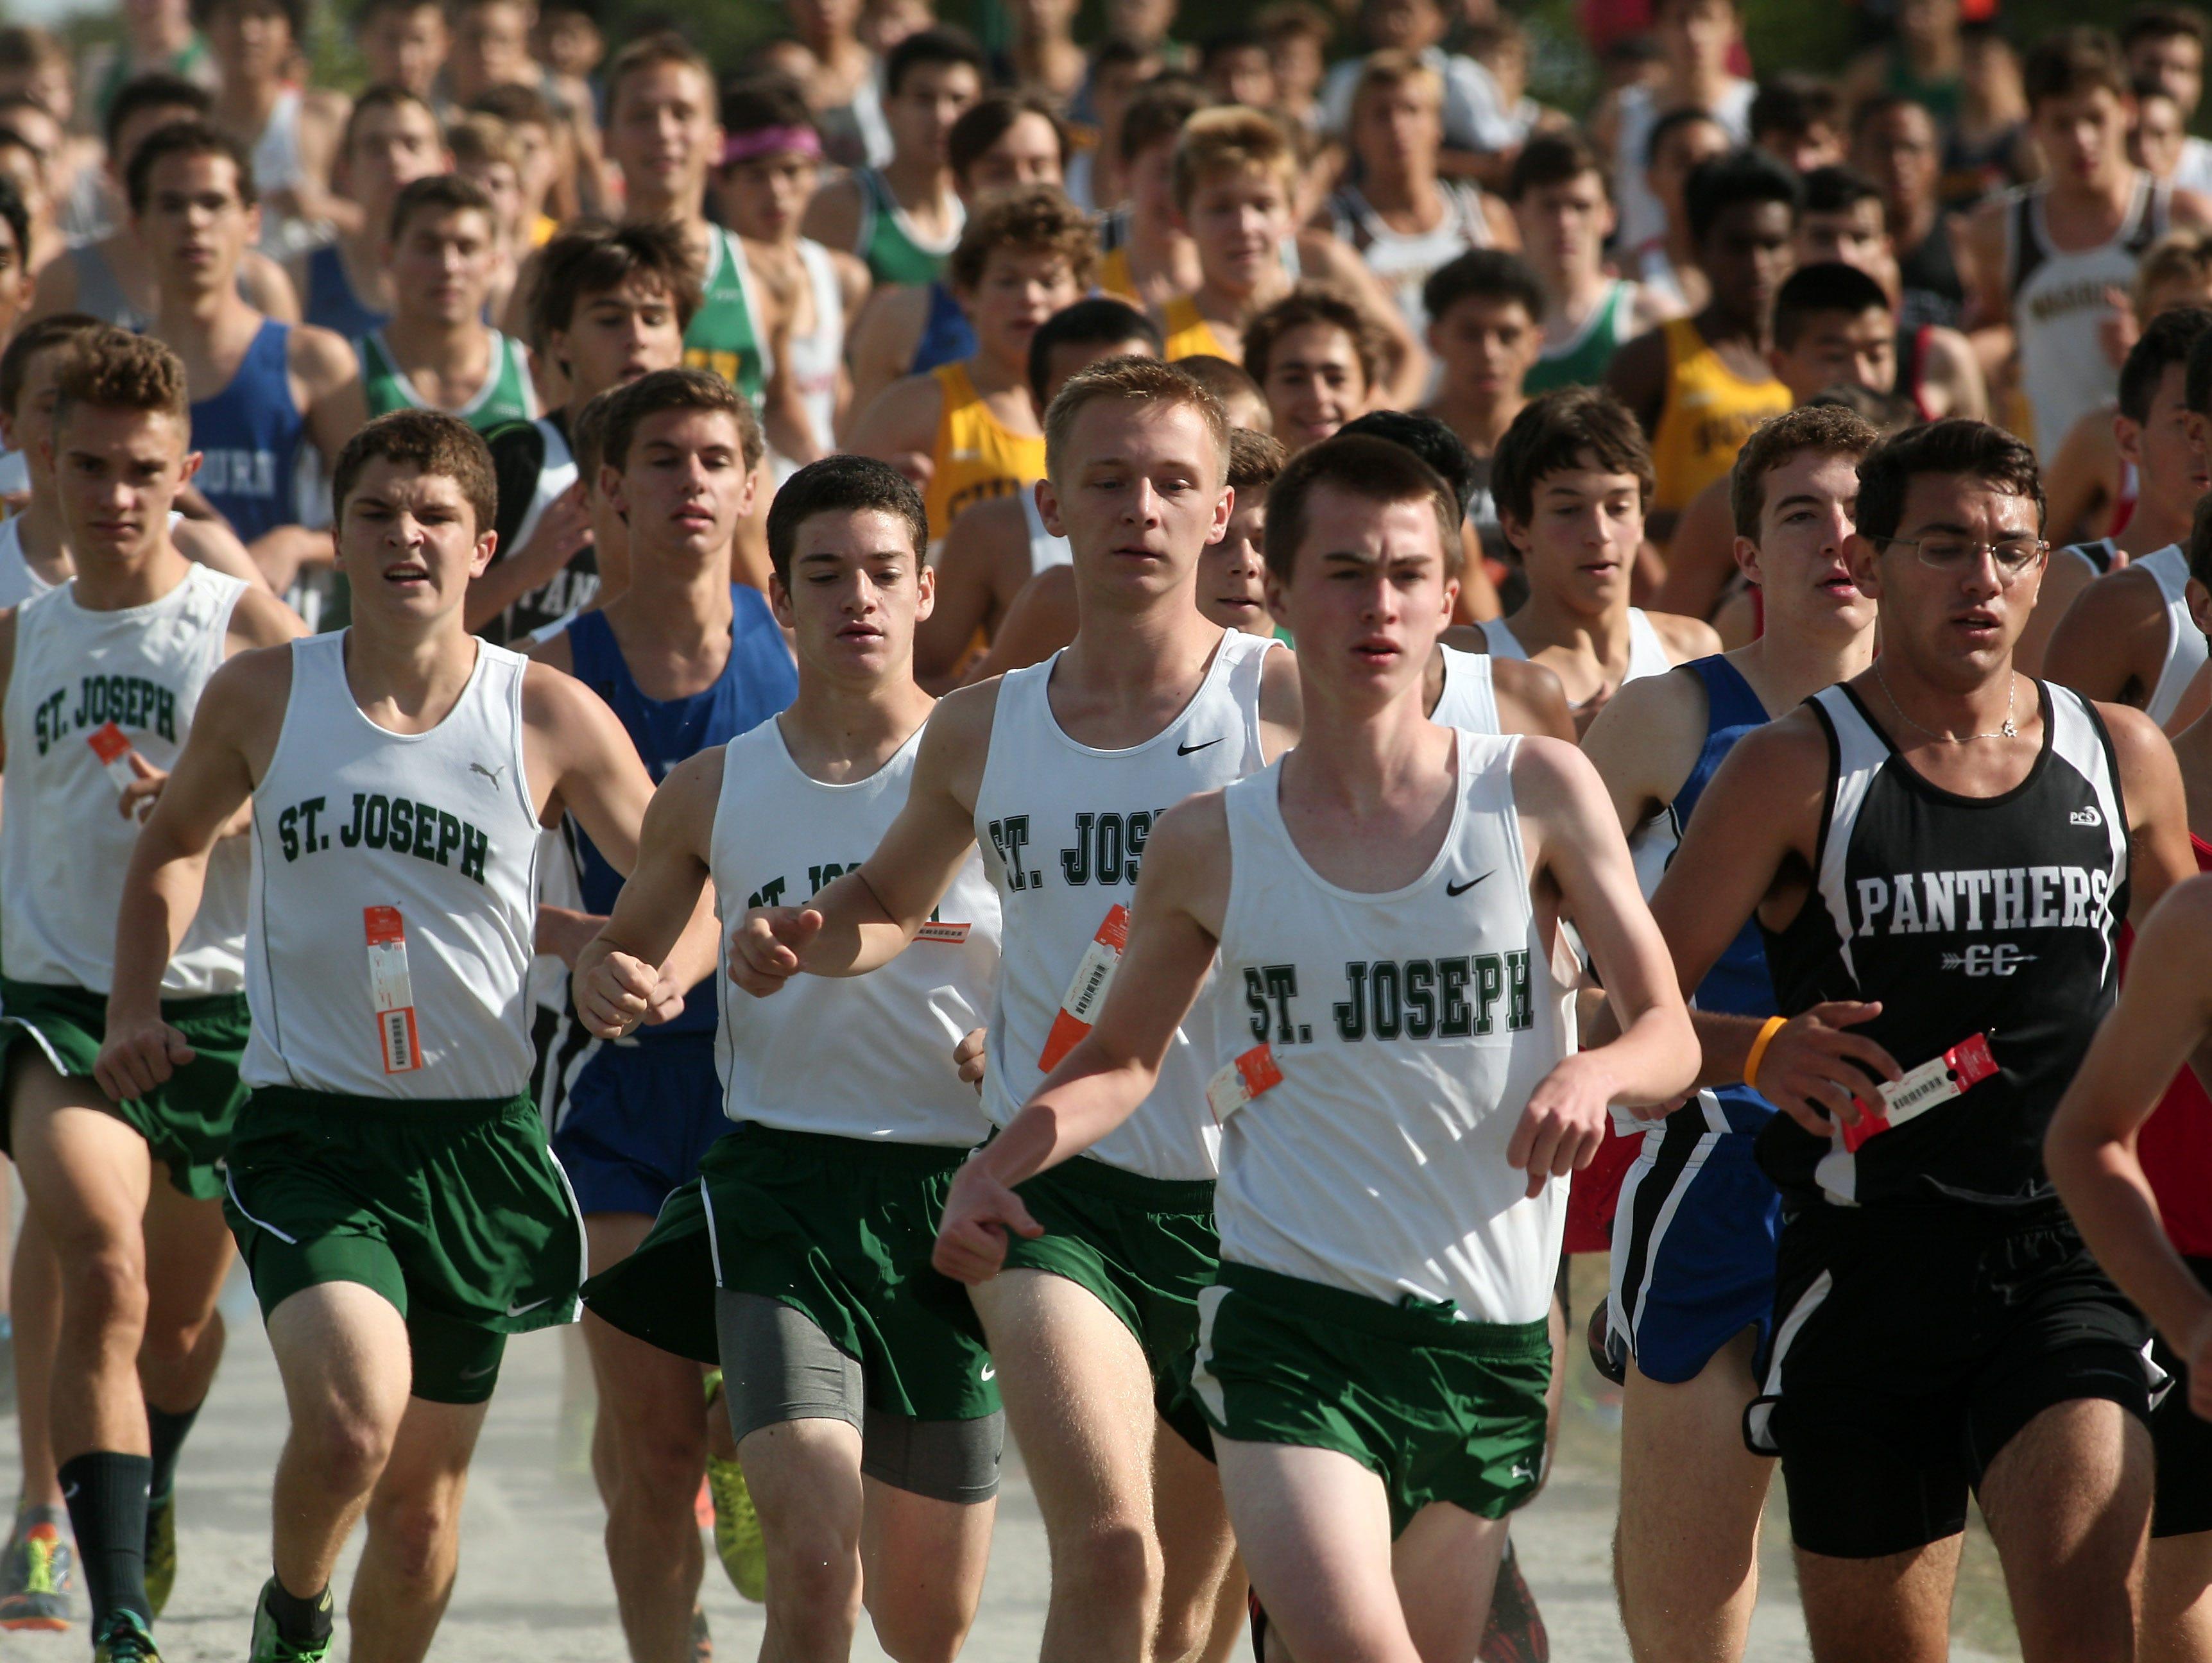 St Joseph's runners at the start of the Varsity boys A 5K run of the Stewart Memorial Invitational at Central Park of Morris County. September 26, 2015, Morris Plains, NJ.